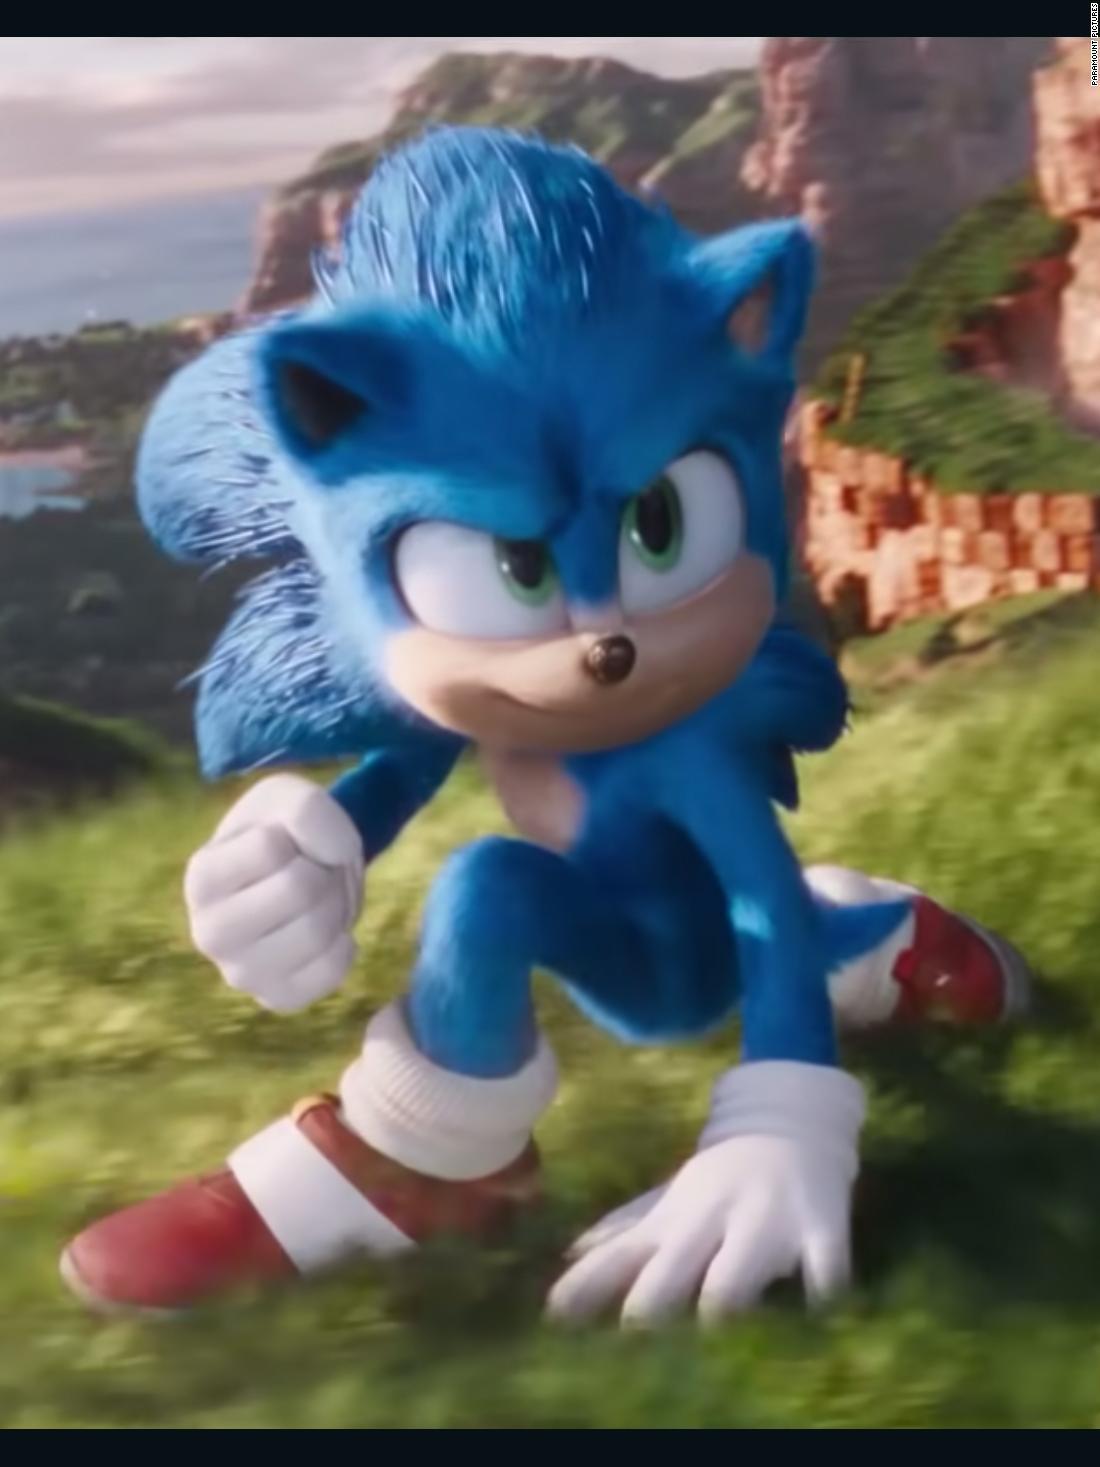 Sonic The Hedgehog Tuvo El Mejor Estreno De Una Pelicula De Videojuegos Se Estreno Sonic The Hedgehog La Pelicula De Paramount Pictures Sobre El Iconico Personaje De Videojuegos Despues De Que La Compania Recibiera Criticas Virales Por Redisenar